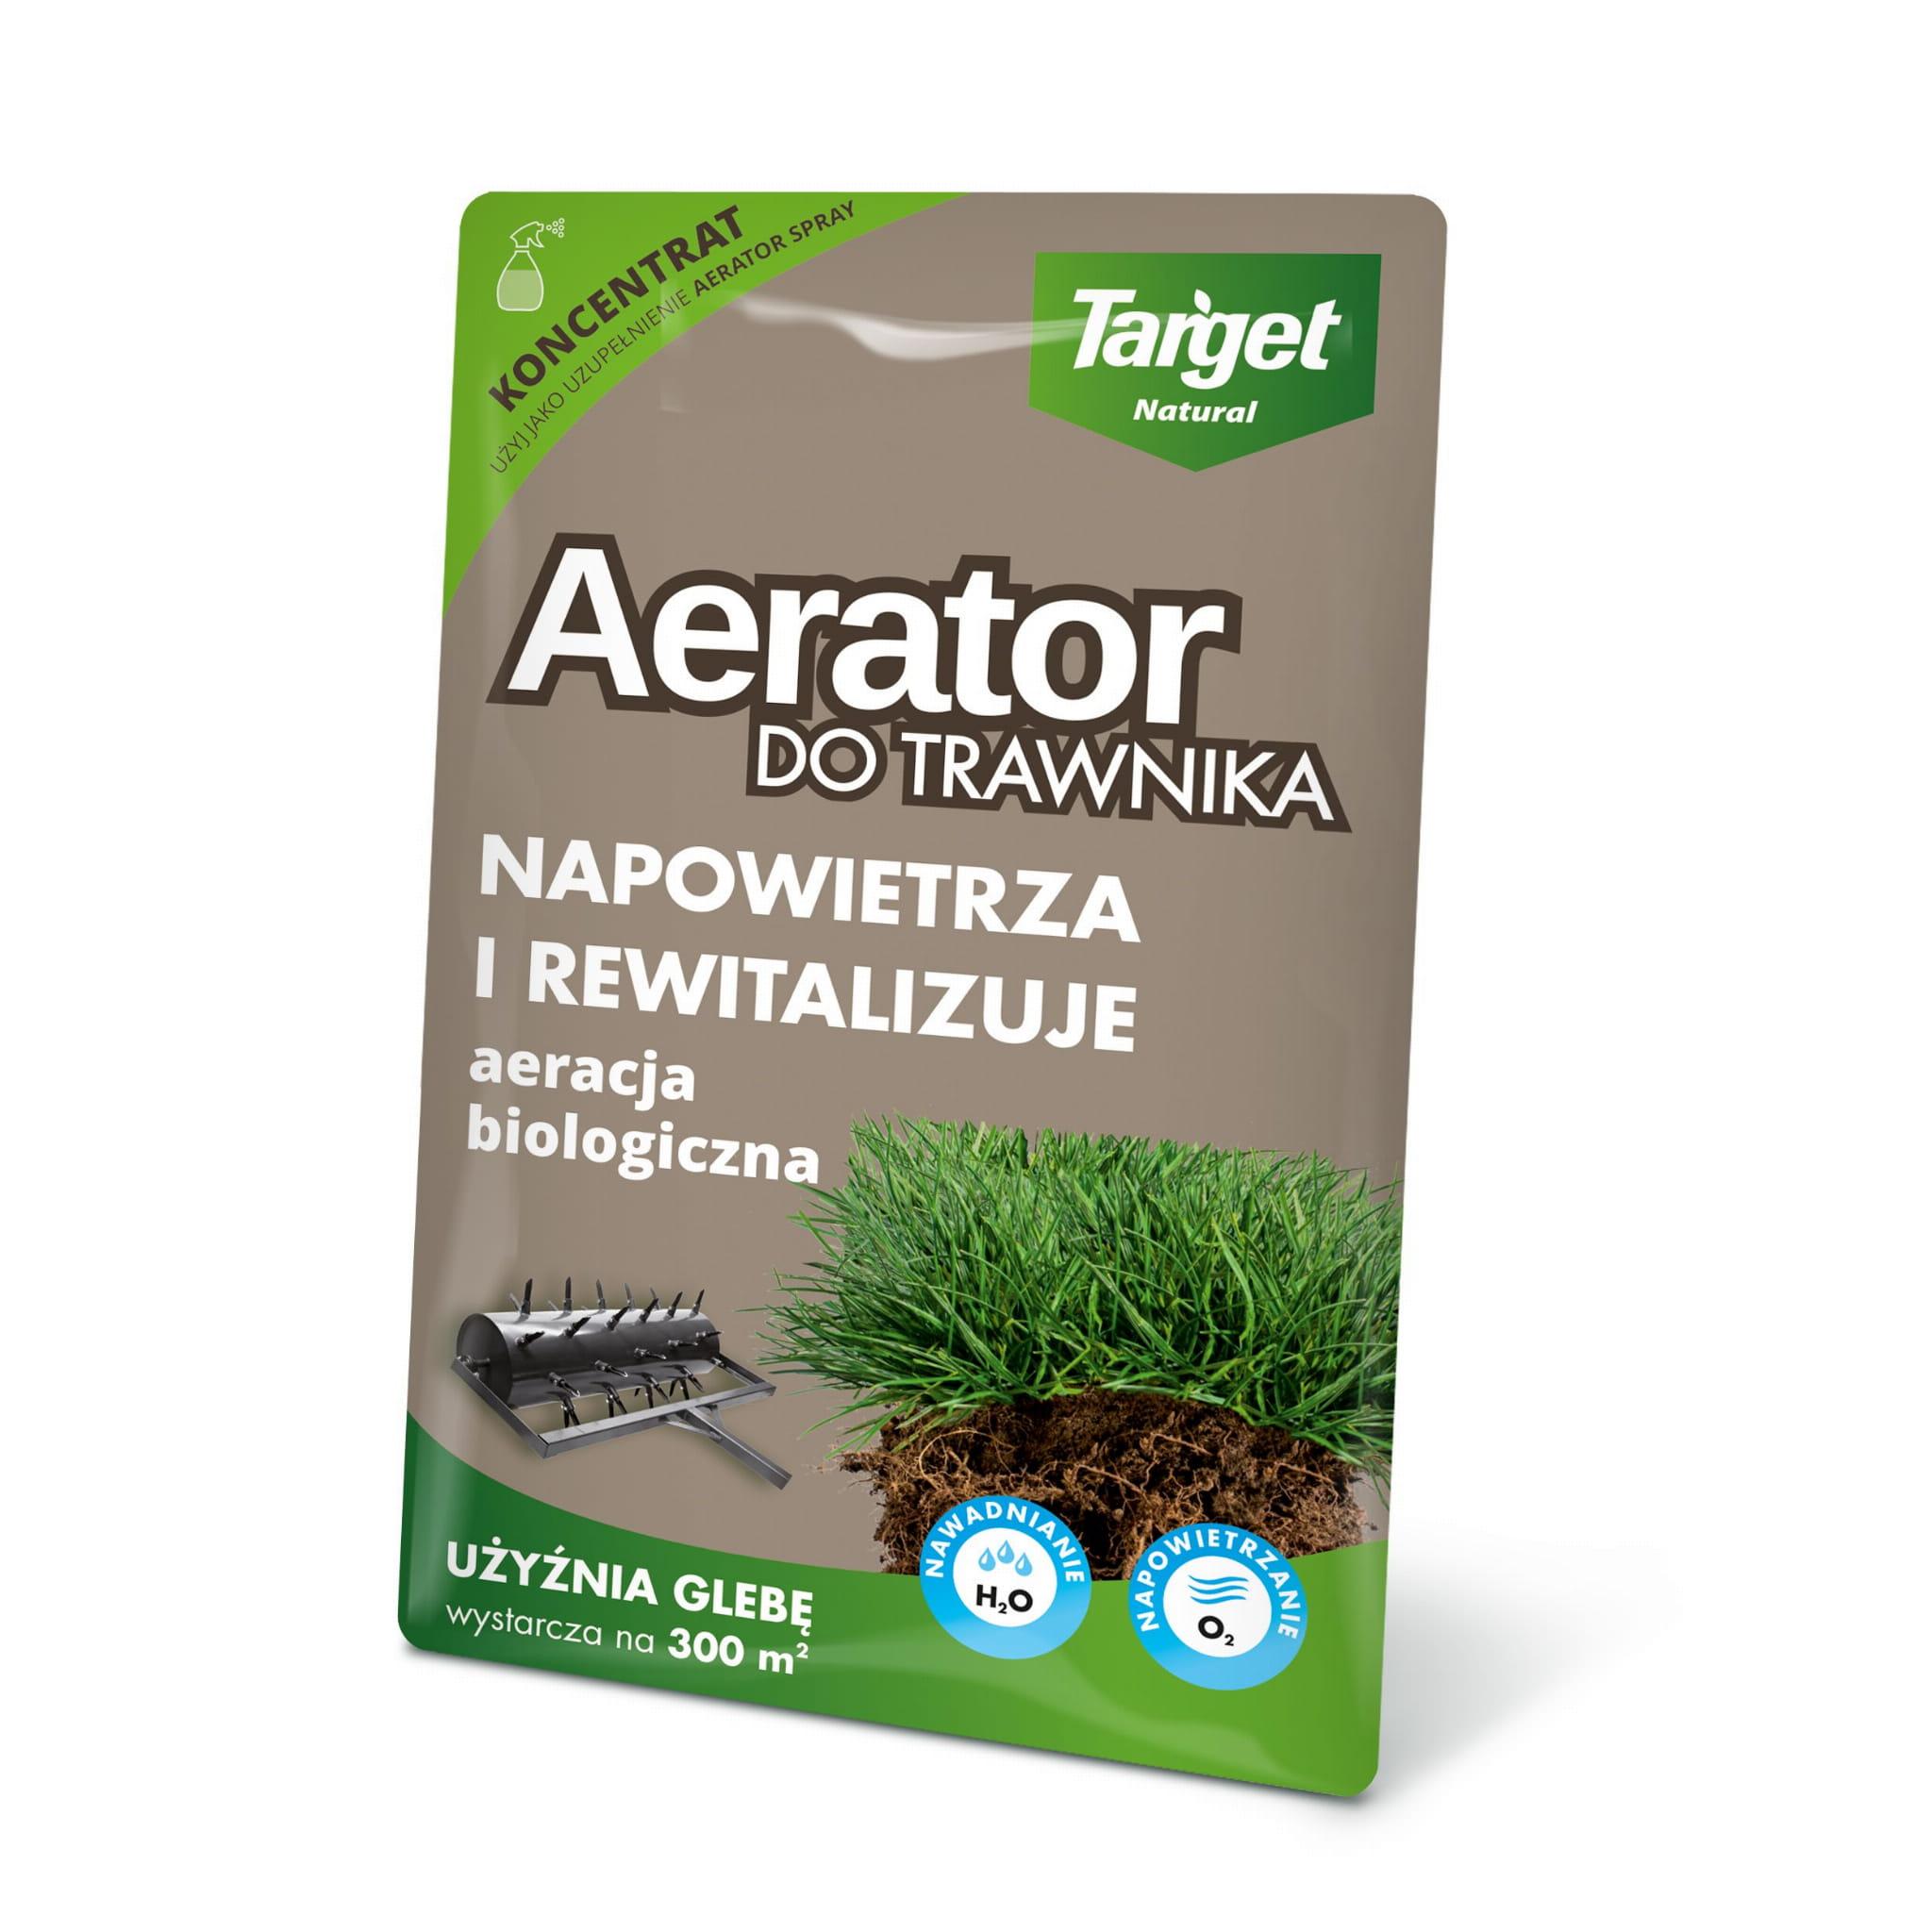 Aerator w płynie do trawników (koncetrat) – 30 ml | Target